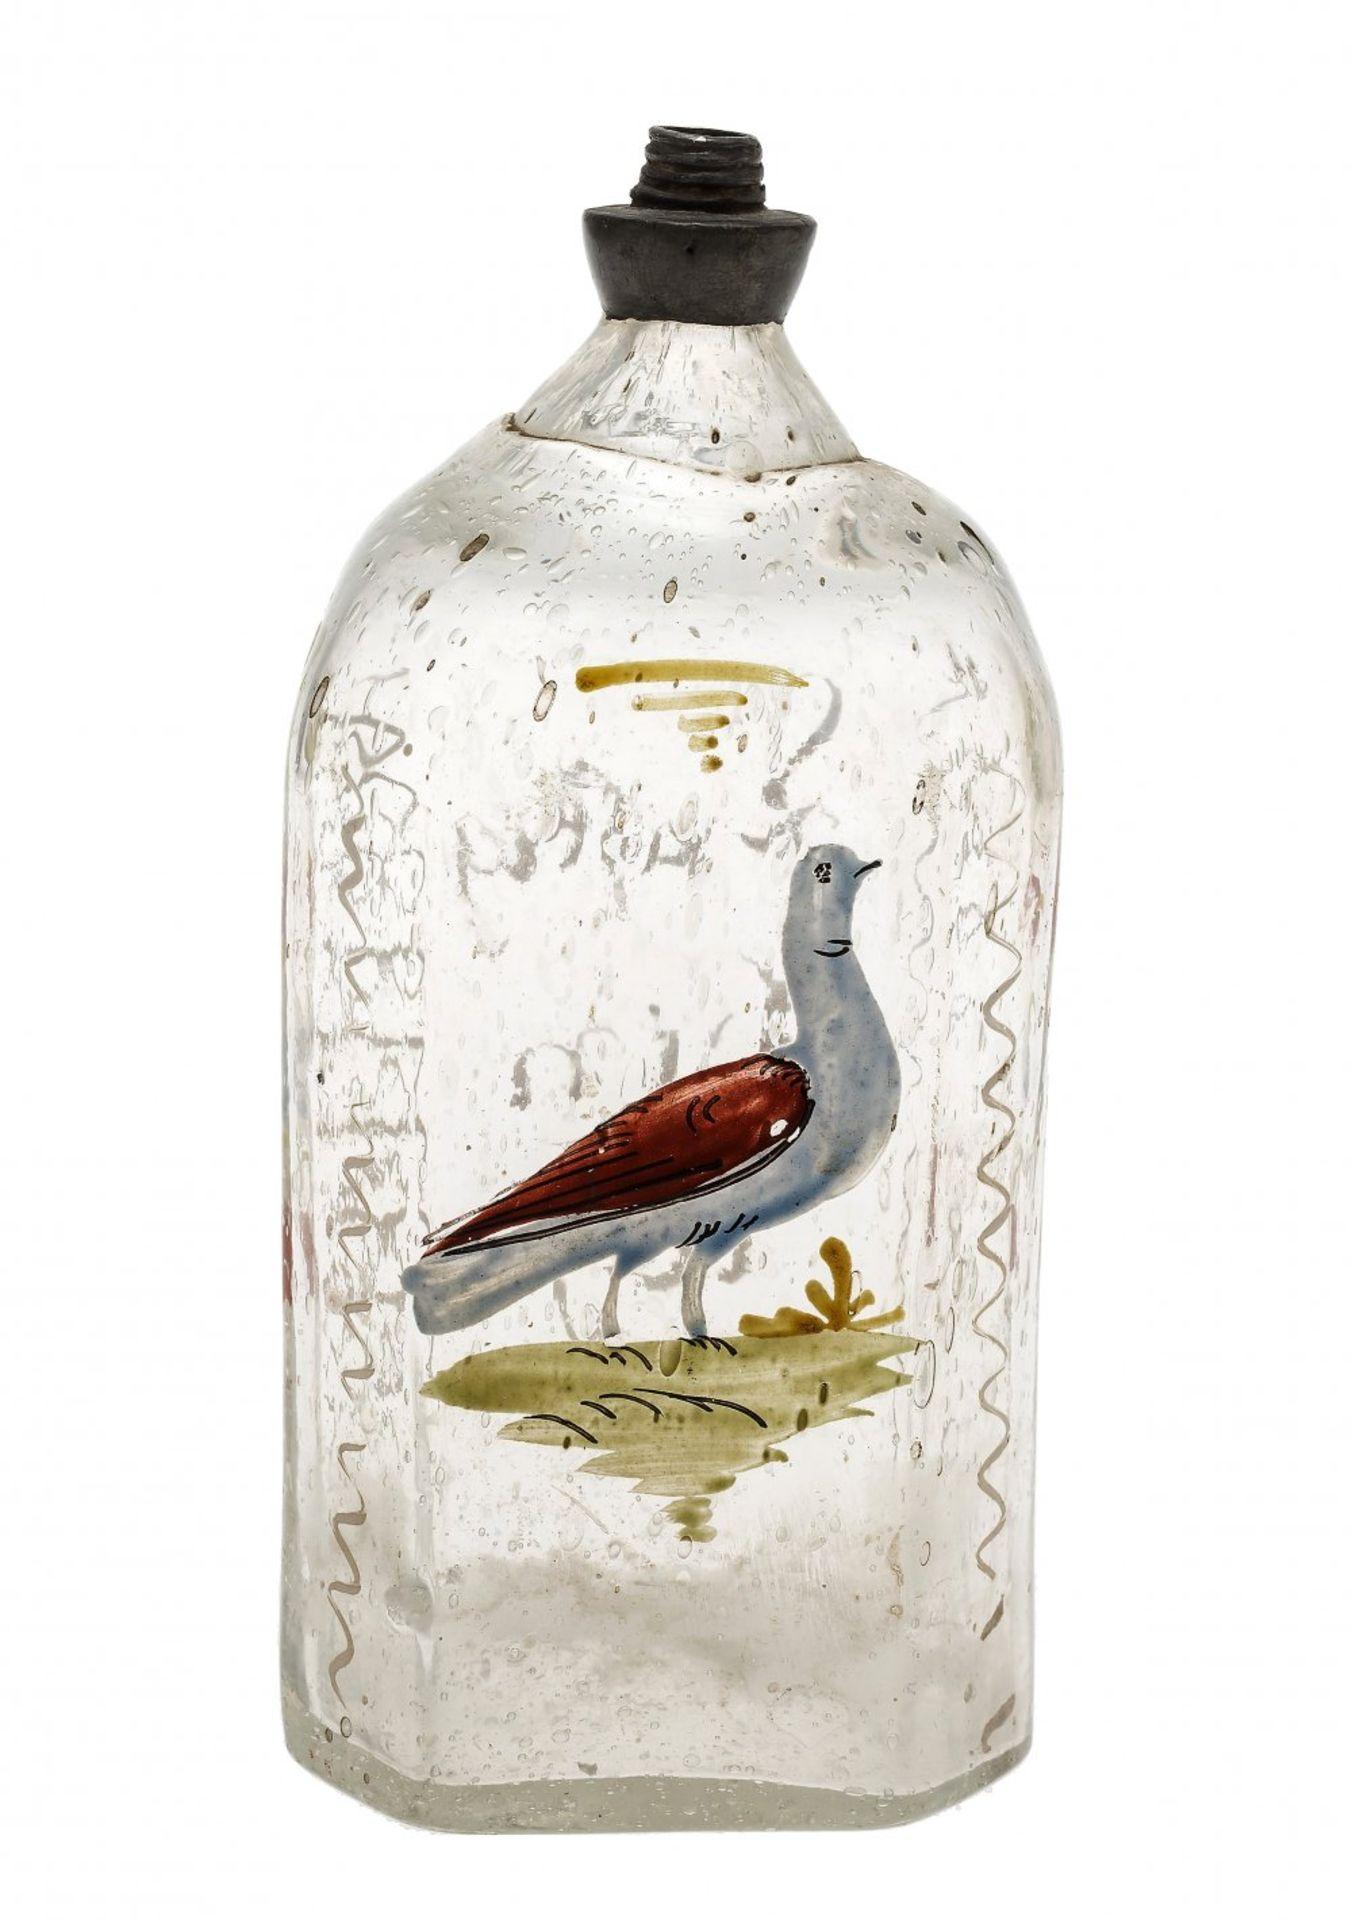 Los 44 - SchnapsflascheBayern, 19. Jh. Glas, bemalt, mit Sinnspruch. H. 15 cm.